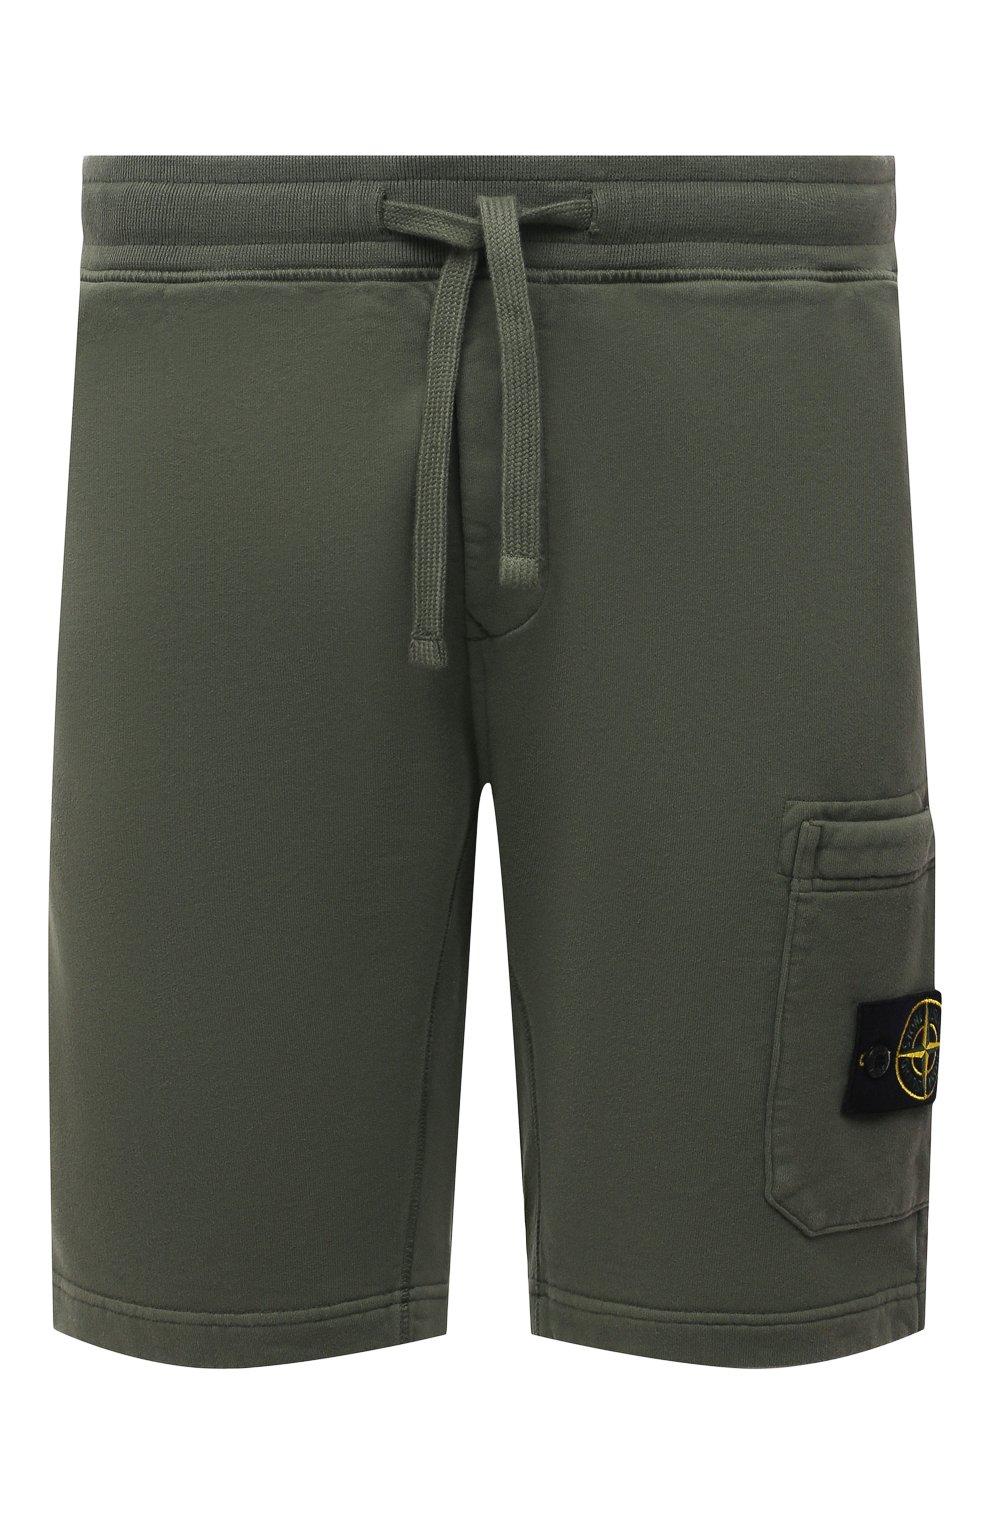 Мужские хлопковые шорты STONE ISLAND хаки цвета, арт. 751564620 | Фото 1 (Длина Шорты М: До колена; Принт: Без принта; Кросс-КТ: Трикотаж; Стили: Милитари; Материал внешний: Хлопок)